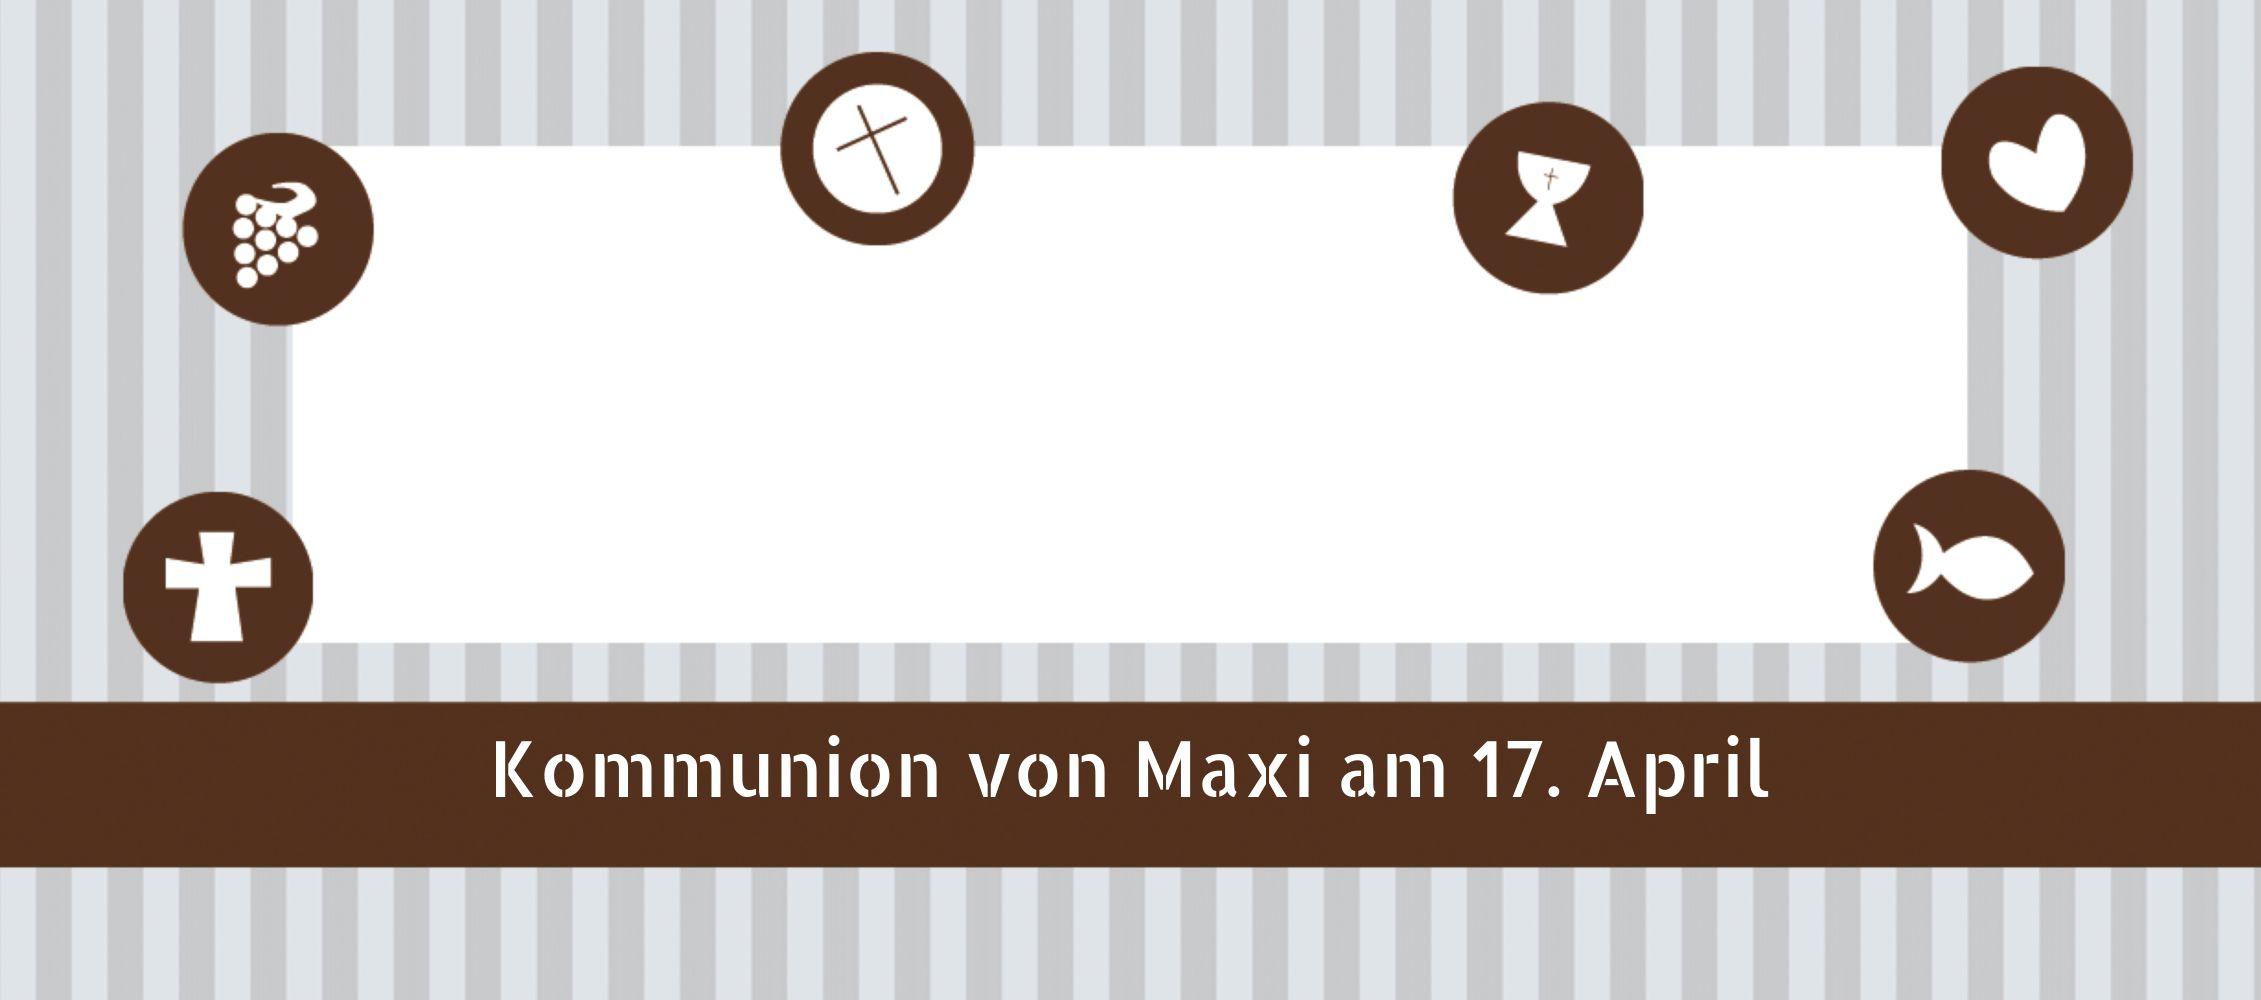 Ansicht 3 - Tischkarte Kommunion stripes-buttons